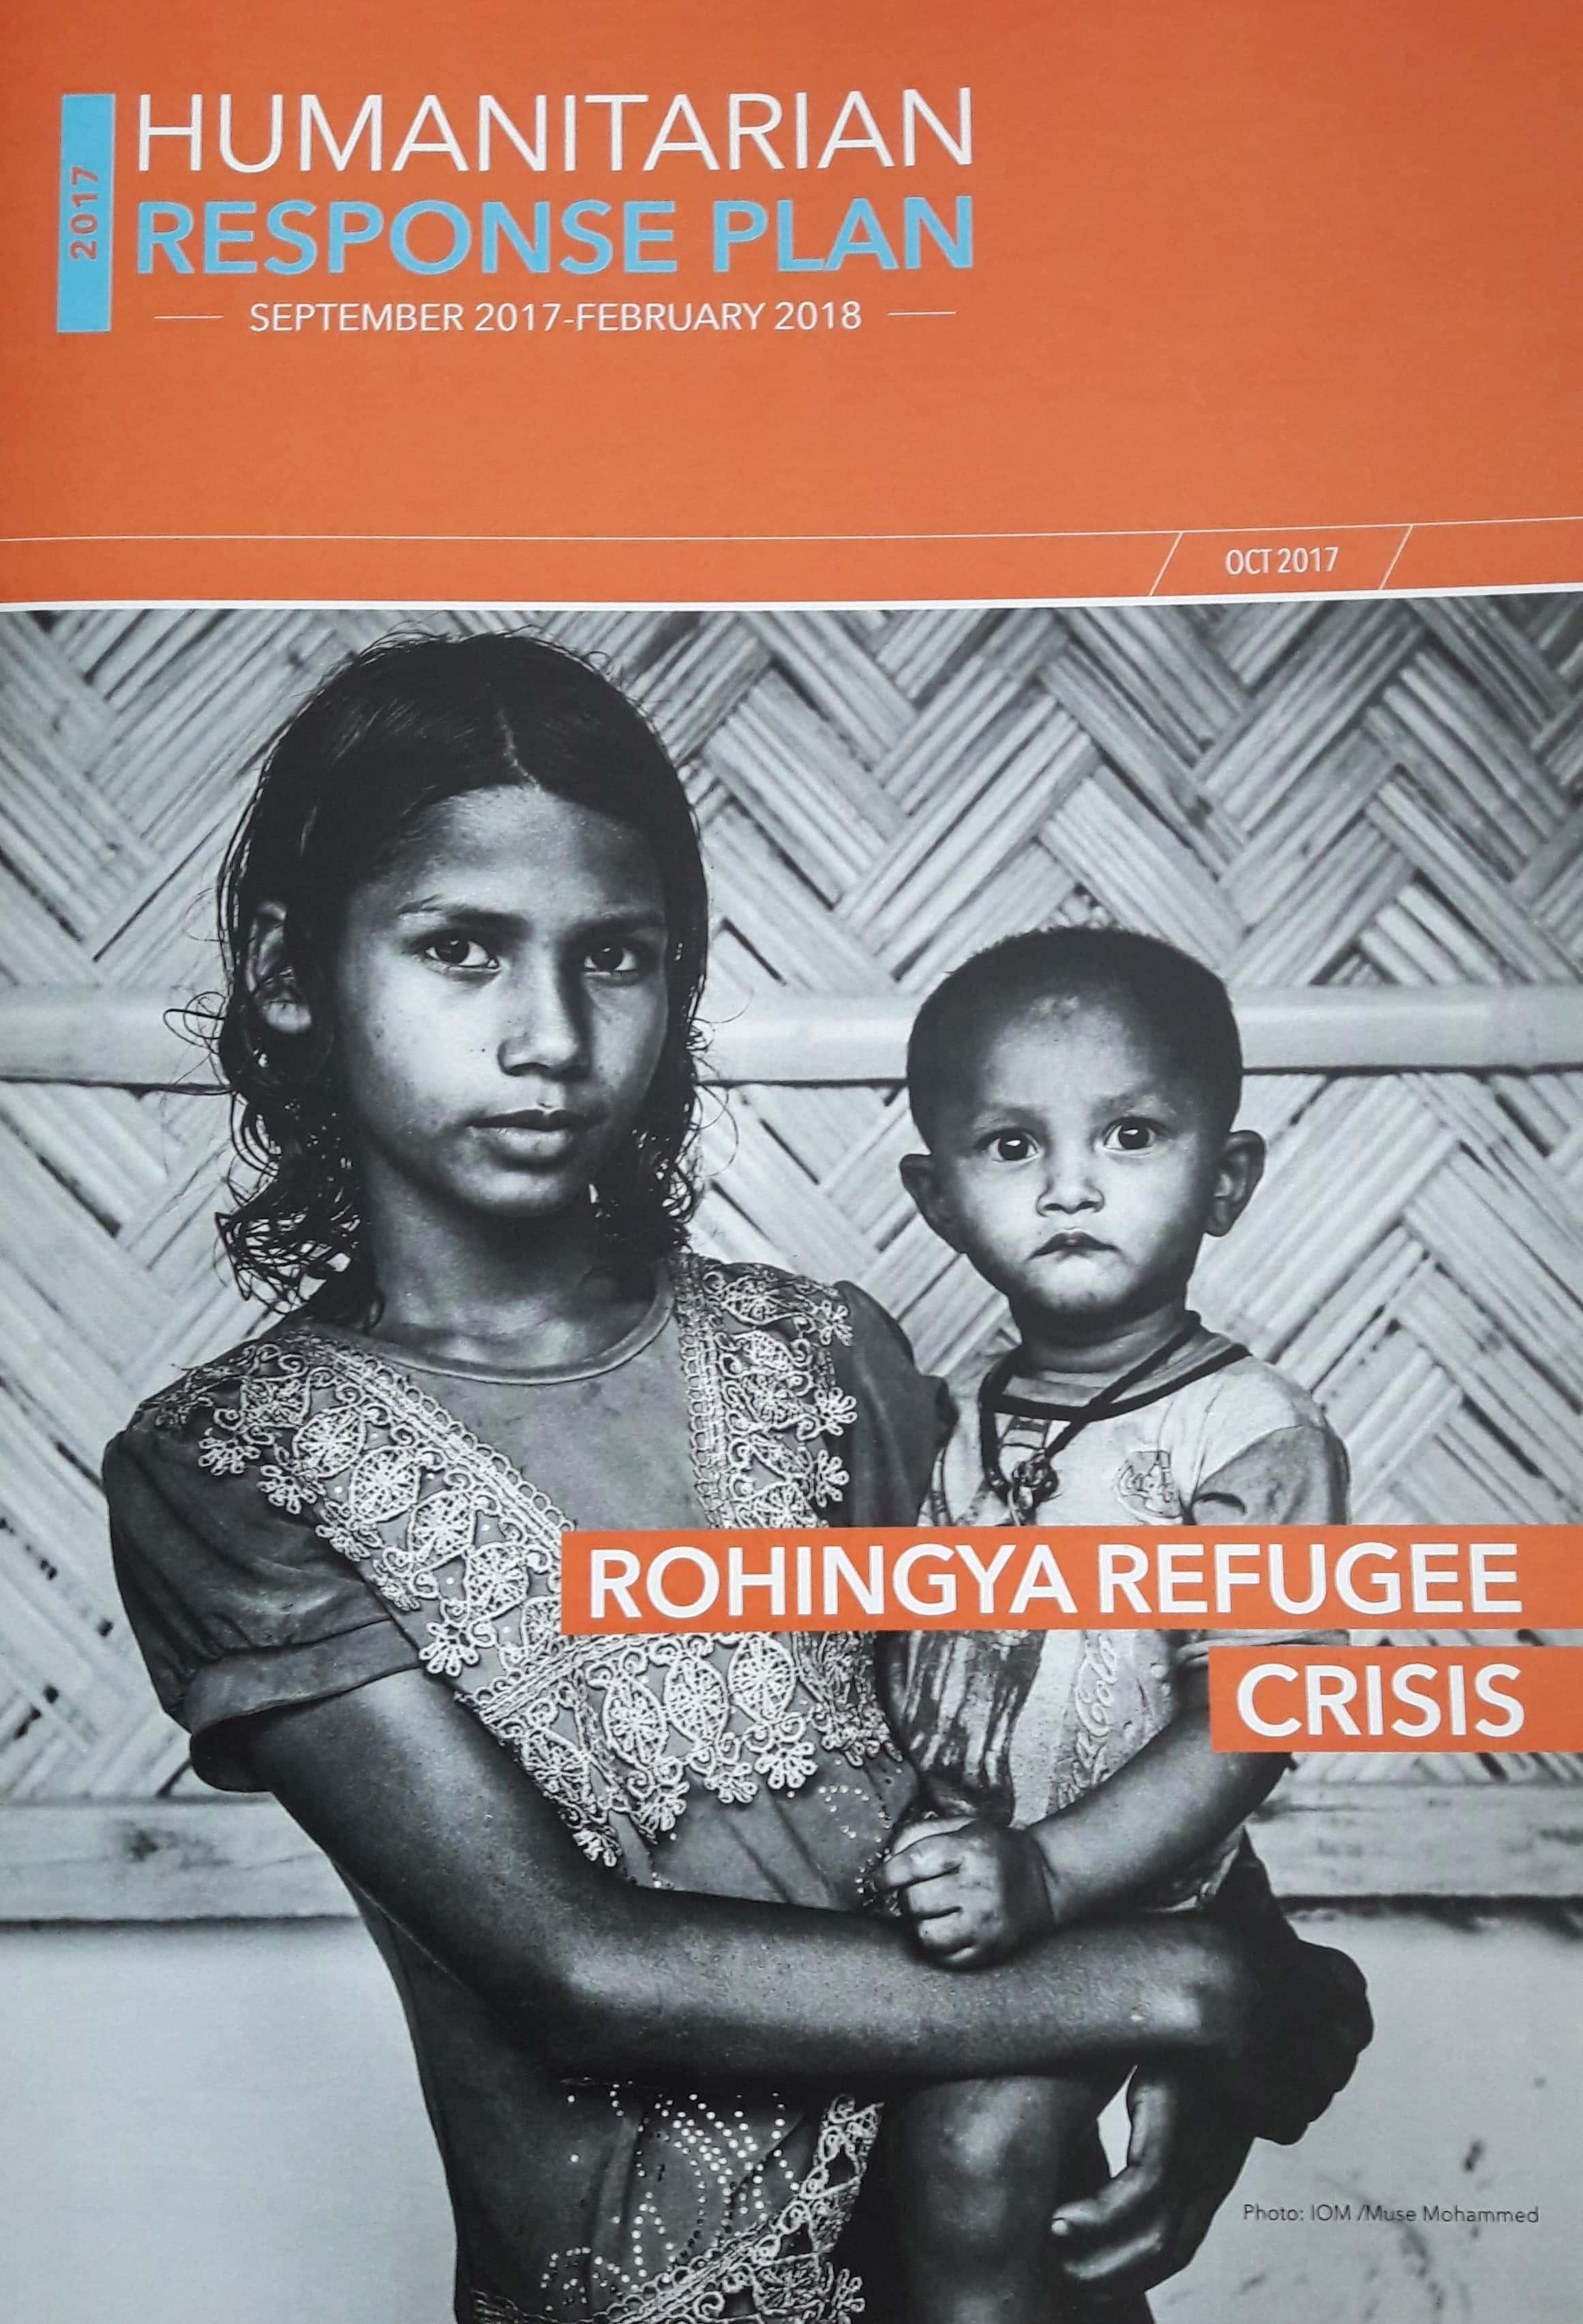 Slovenija najavila humanitarni prispevek za manjšino Rohinga